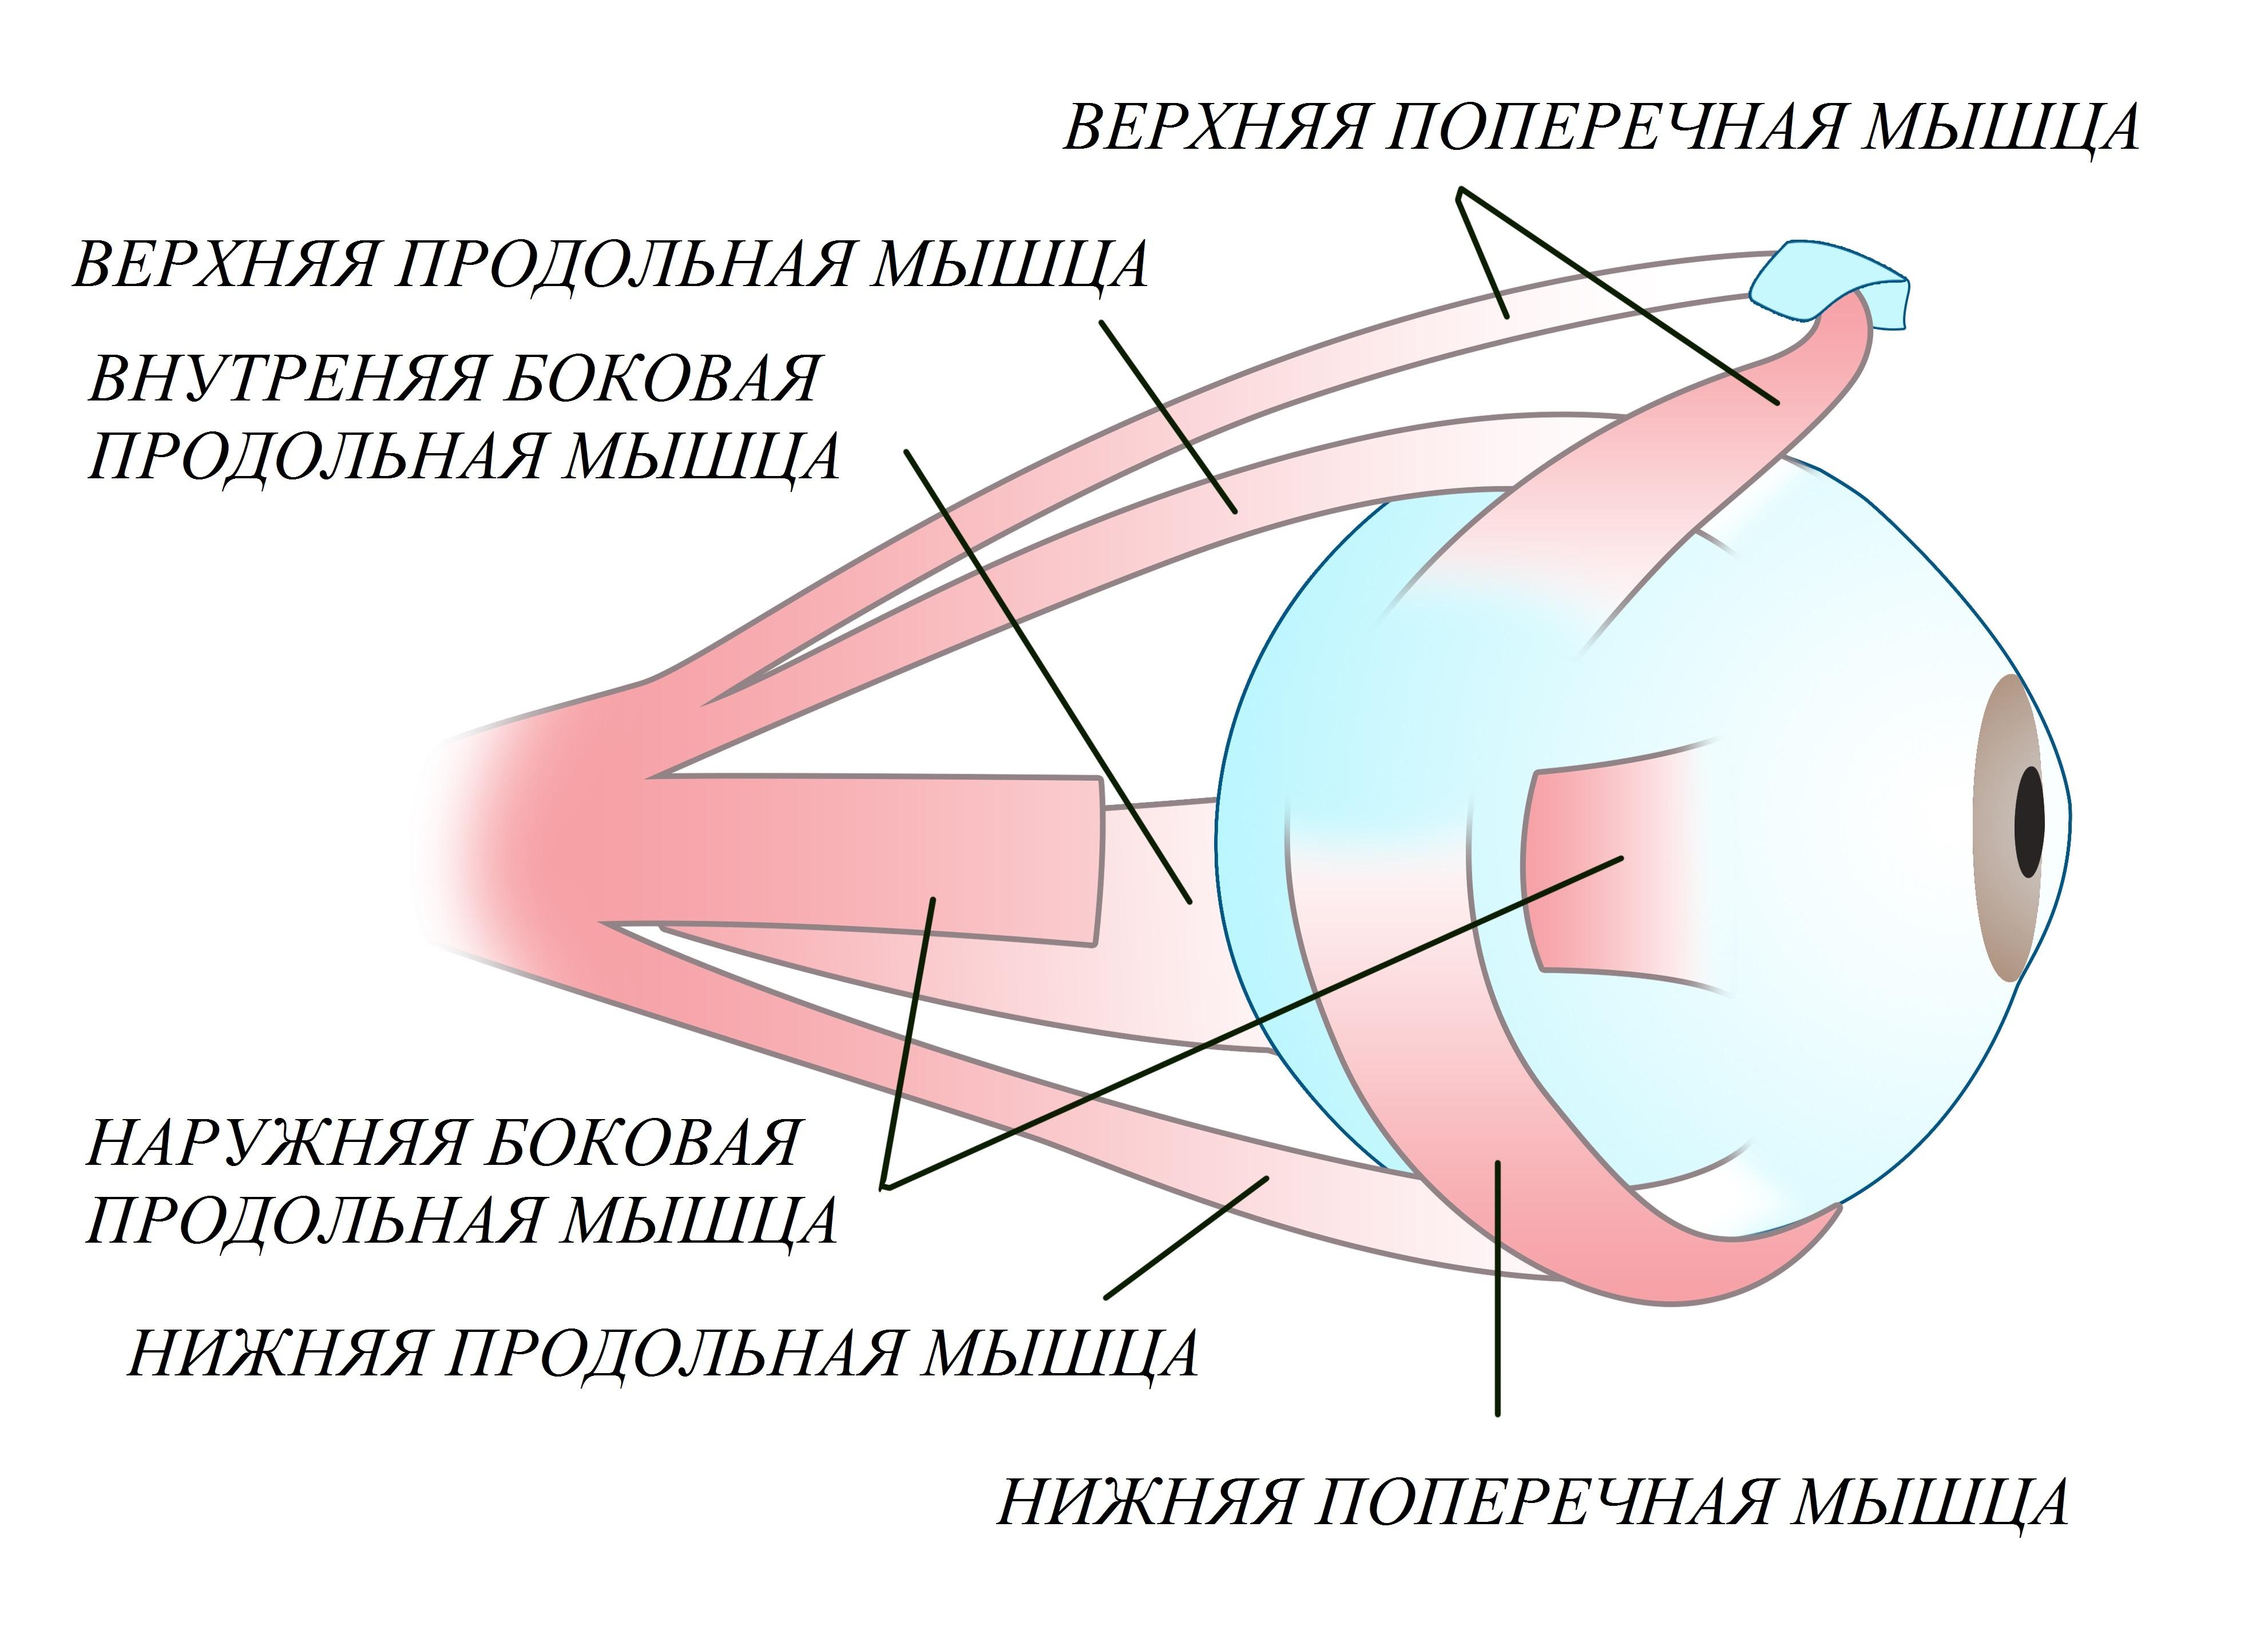 метод шичко для похудения отзывы